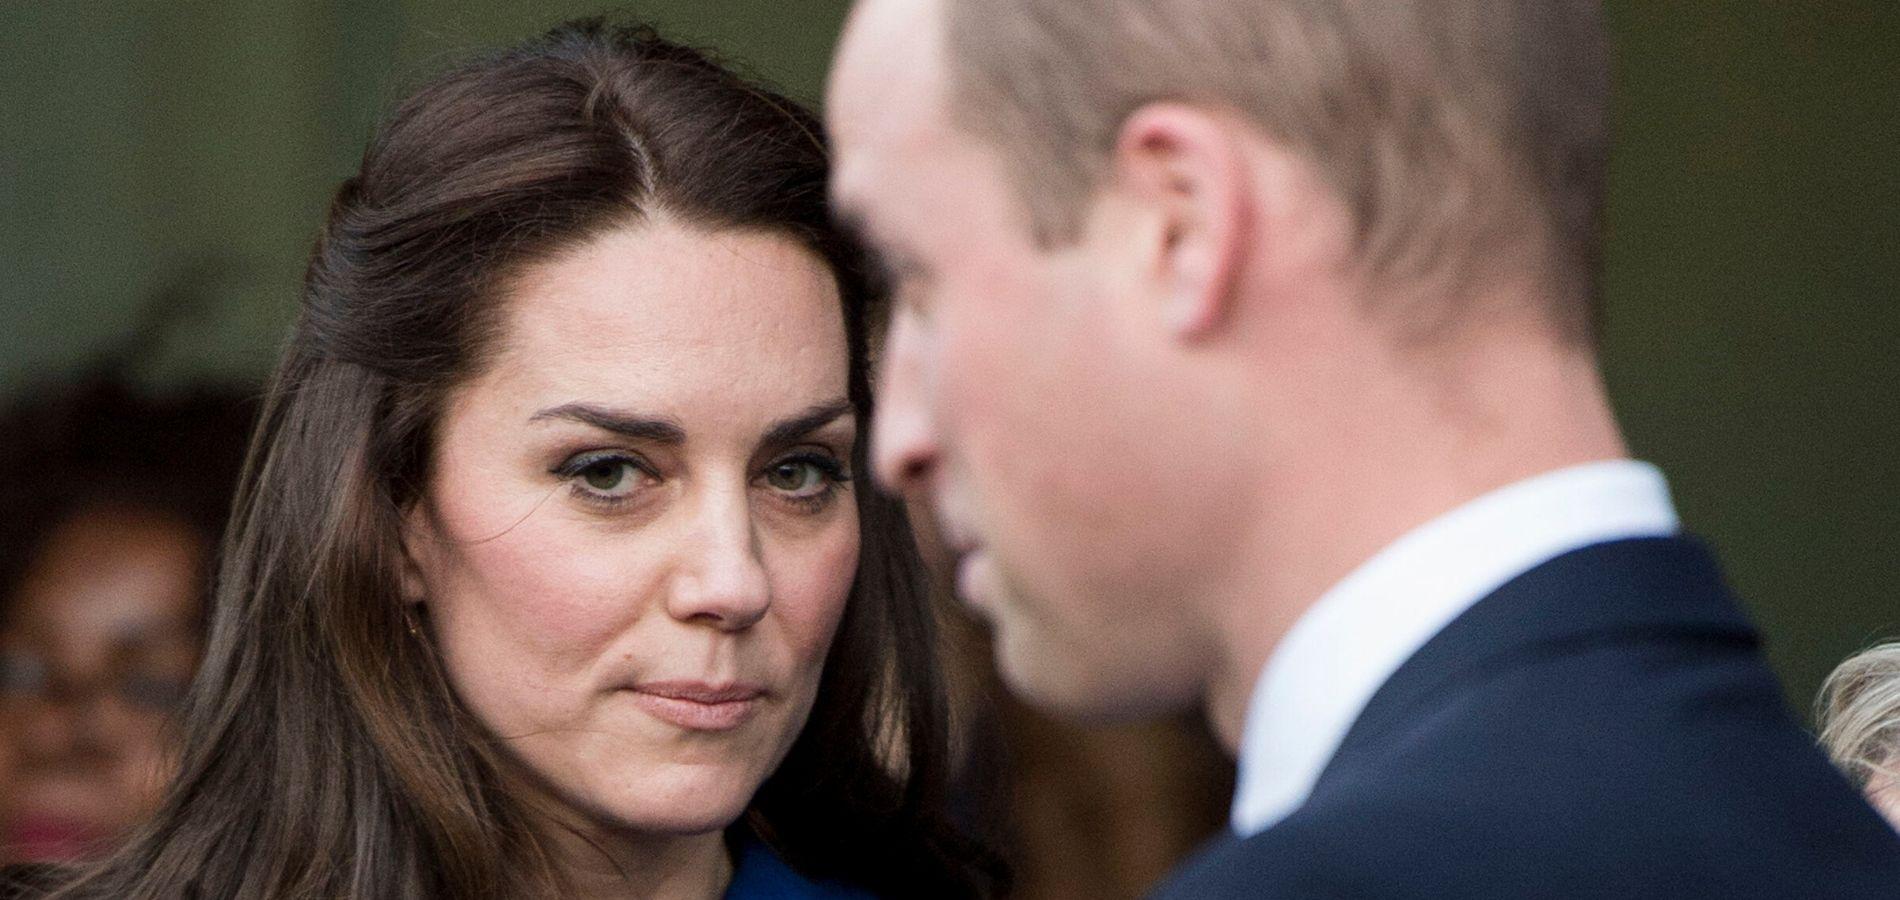 Kate Middleton très affectée par le départ du prince Harry